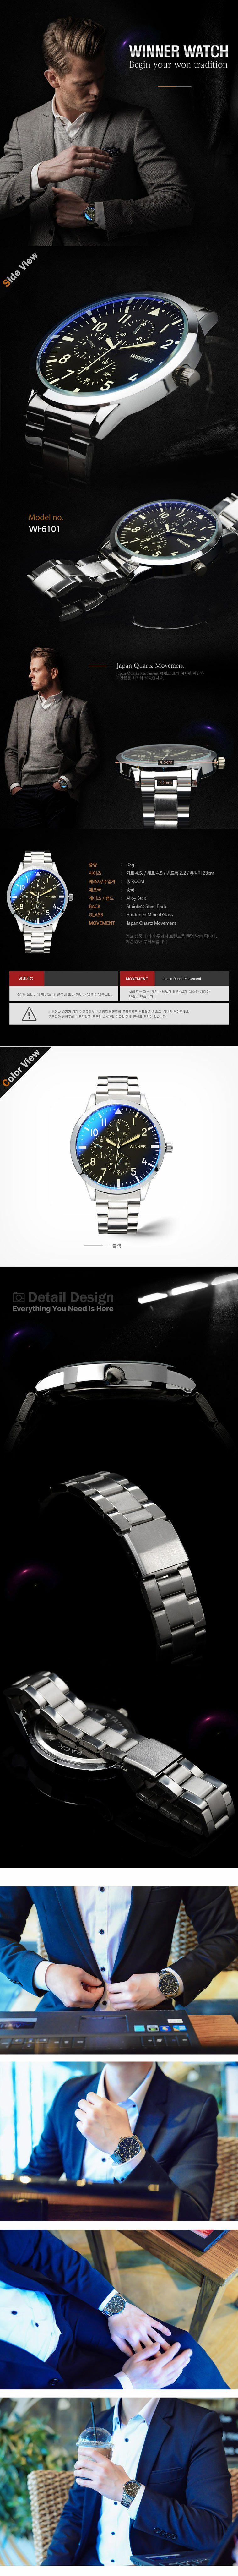 미앤유] 인기신상 남자메탈 오토매틱 손목시계 15종   티몬